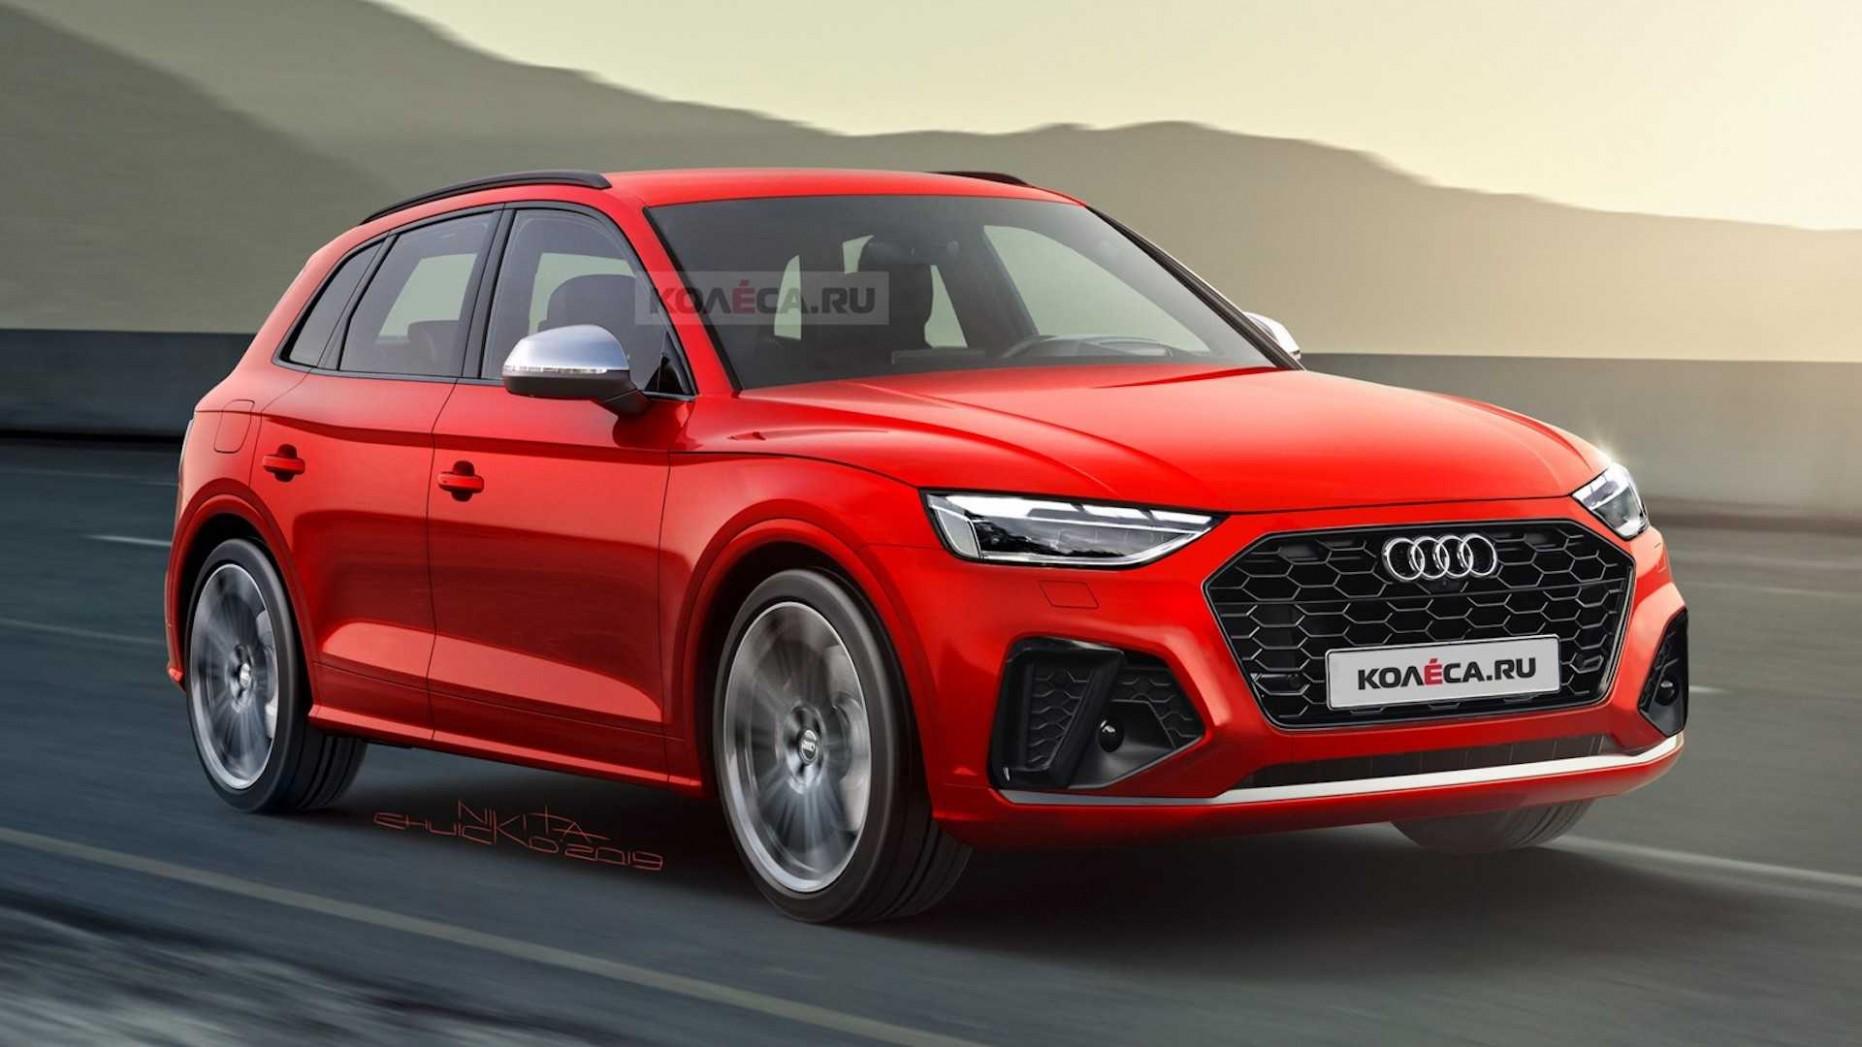 5 Audi Q5 Facelift Rendered, Looks Better - autoevolution - Audi Facelift 2021